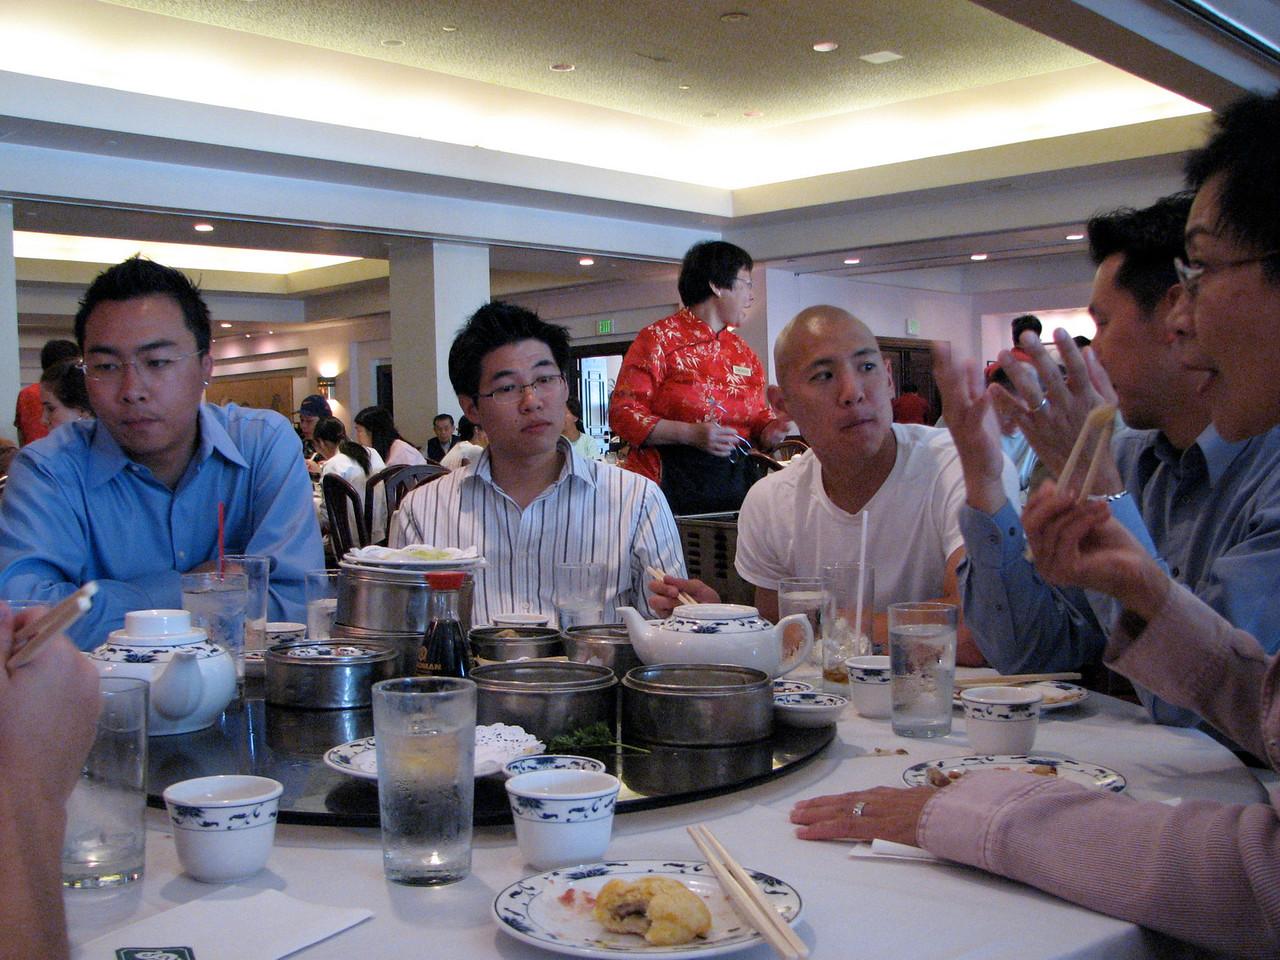 2007 05 25 Fri - Post-ceremony dim sum